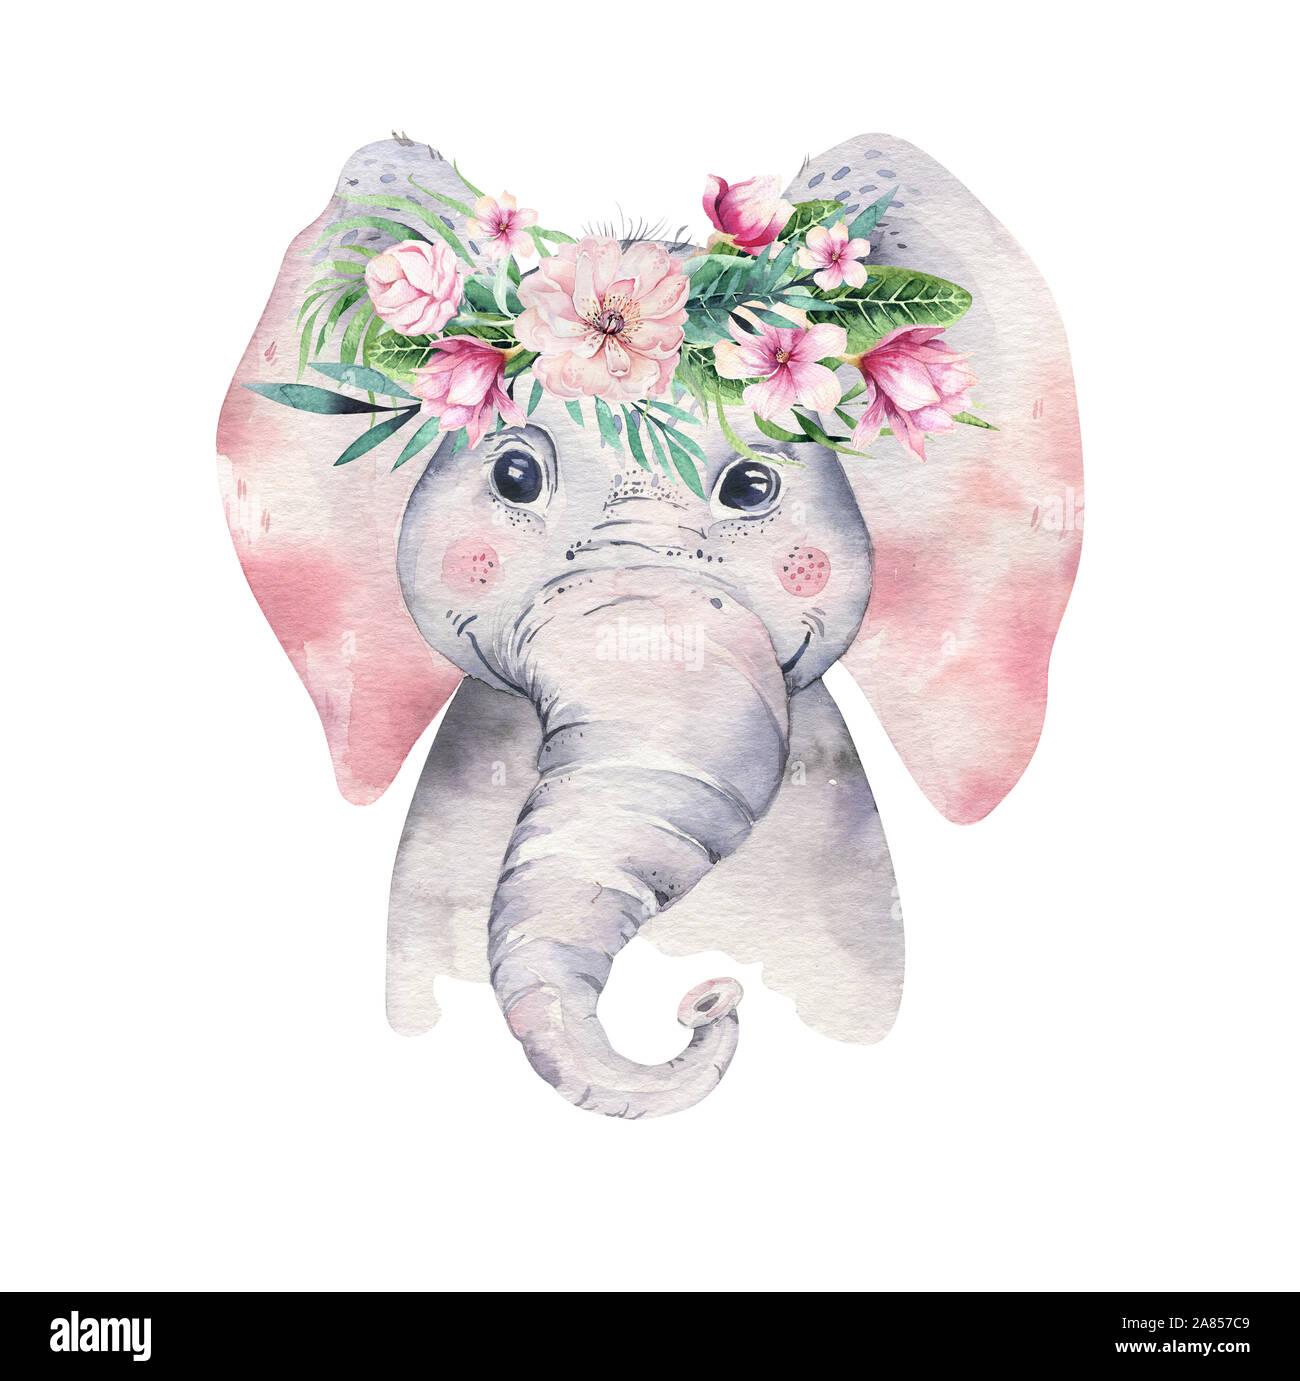 Stiefel Hero Mittel von elefanten in grau elefanten